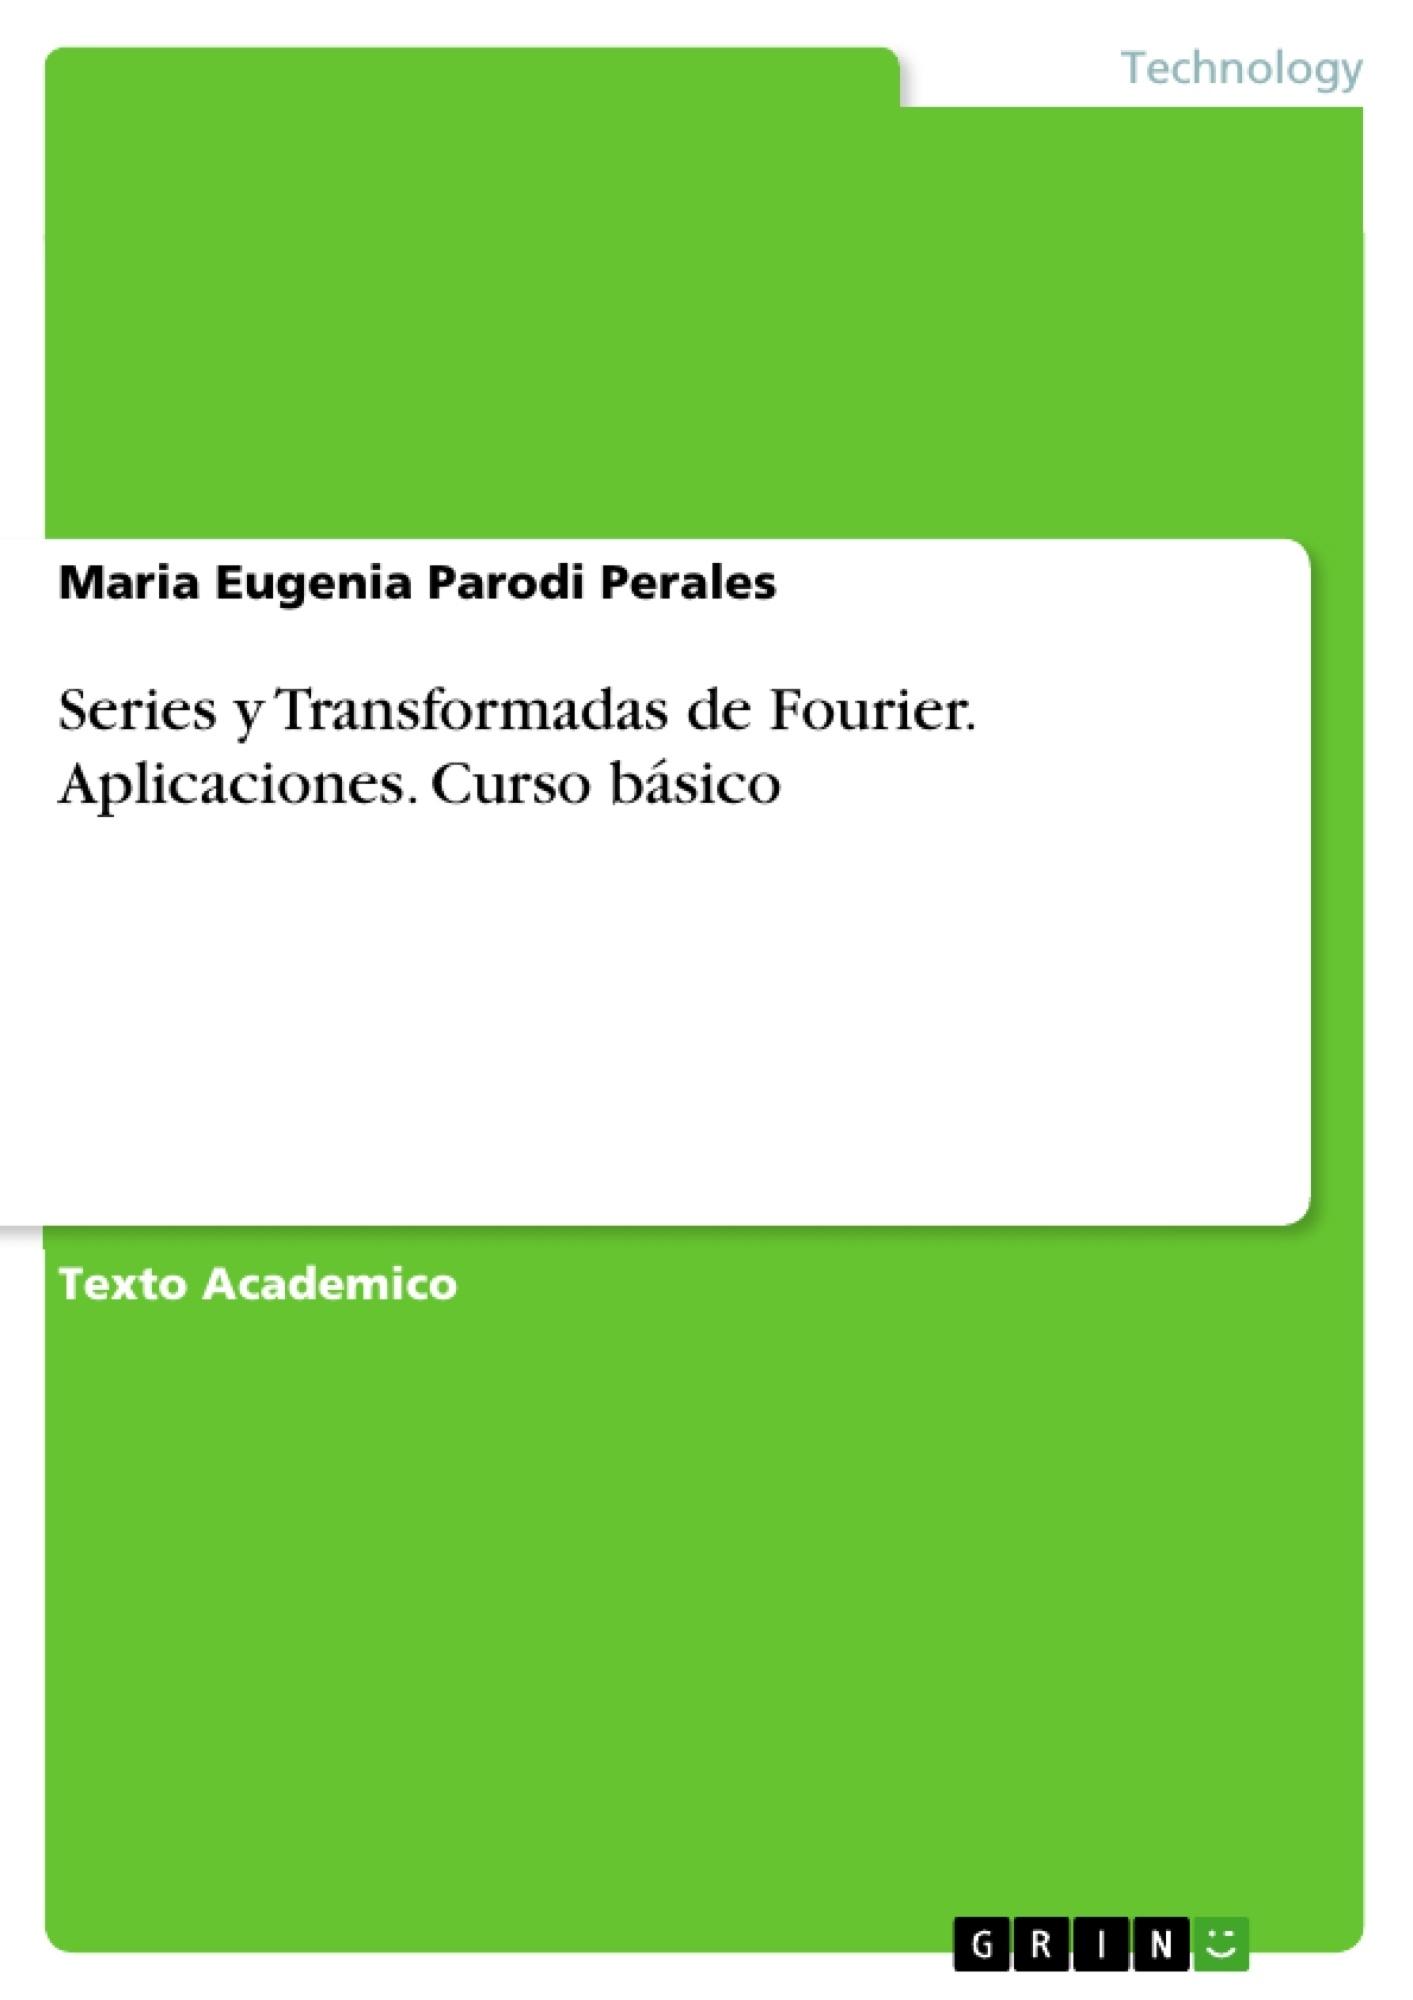 Título: Series y Transformadas de Fourier. Aplicaciones. Curso básico